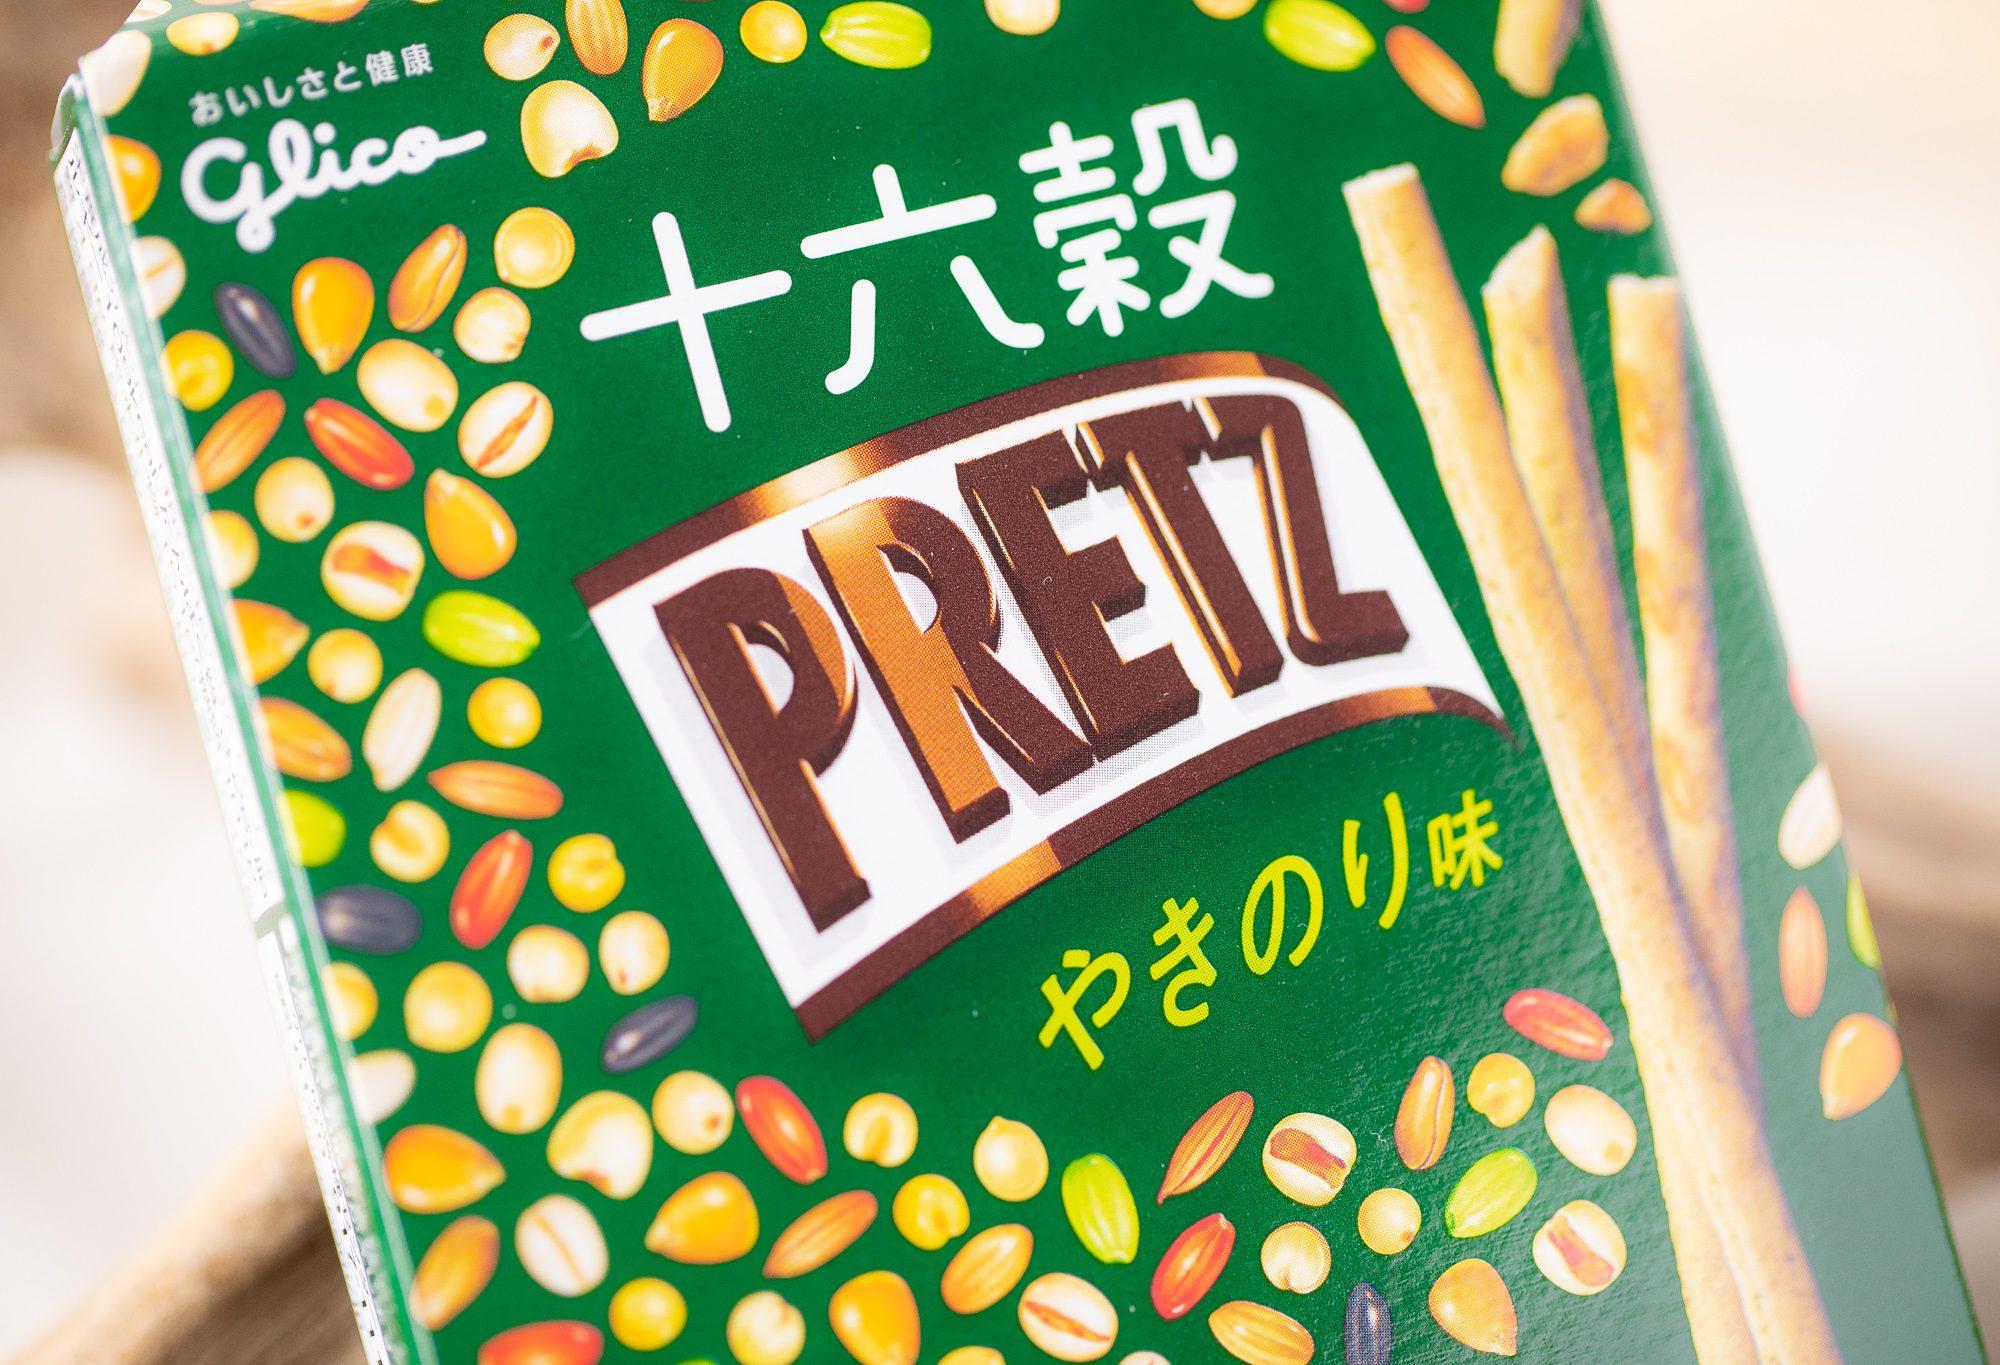 グリコ『十六穀プリッツ<やきのり味>』は穀物の香ばしさと旨味にやきのりの豊かな風味を楽しめるザクバキプリッツ!